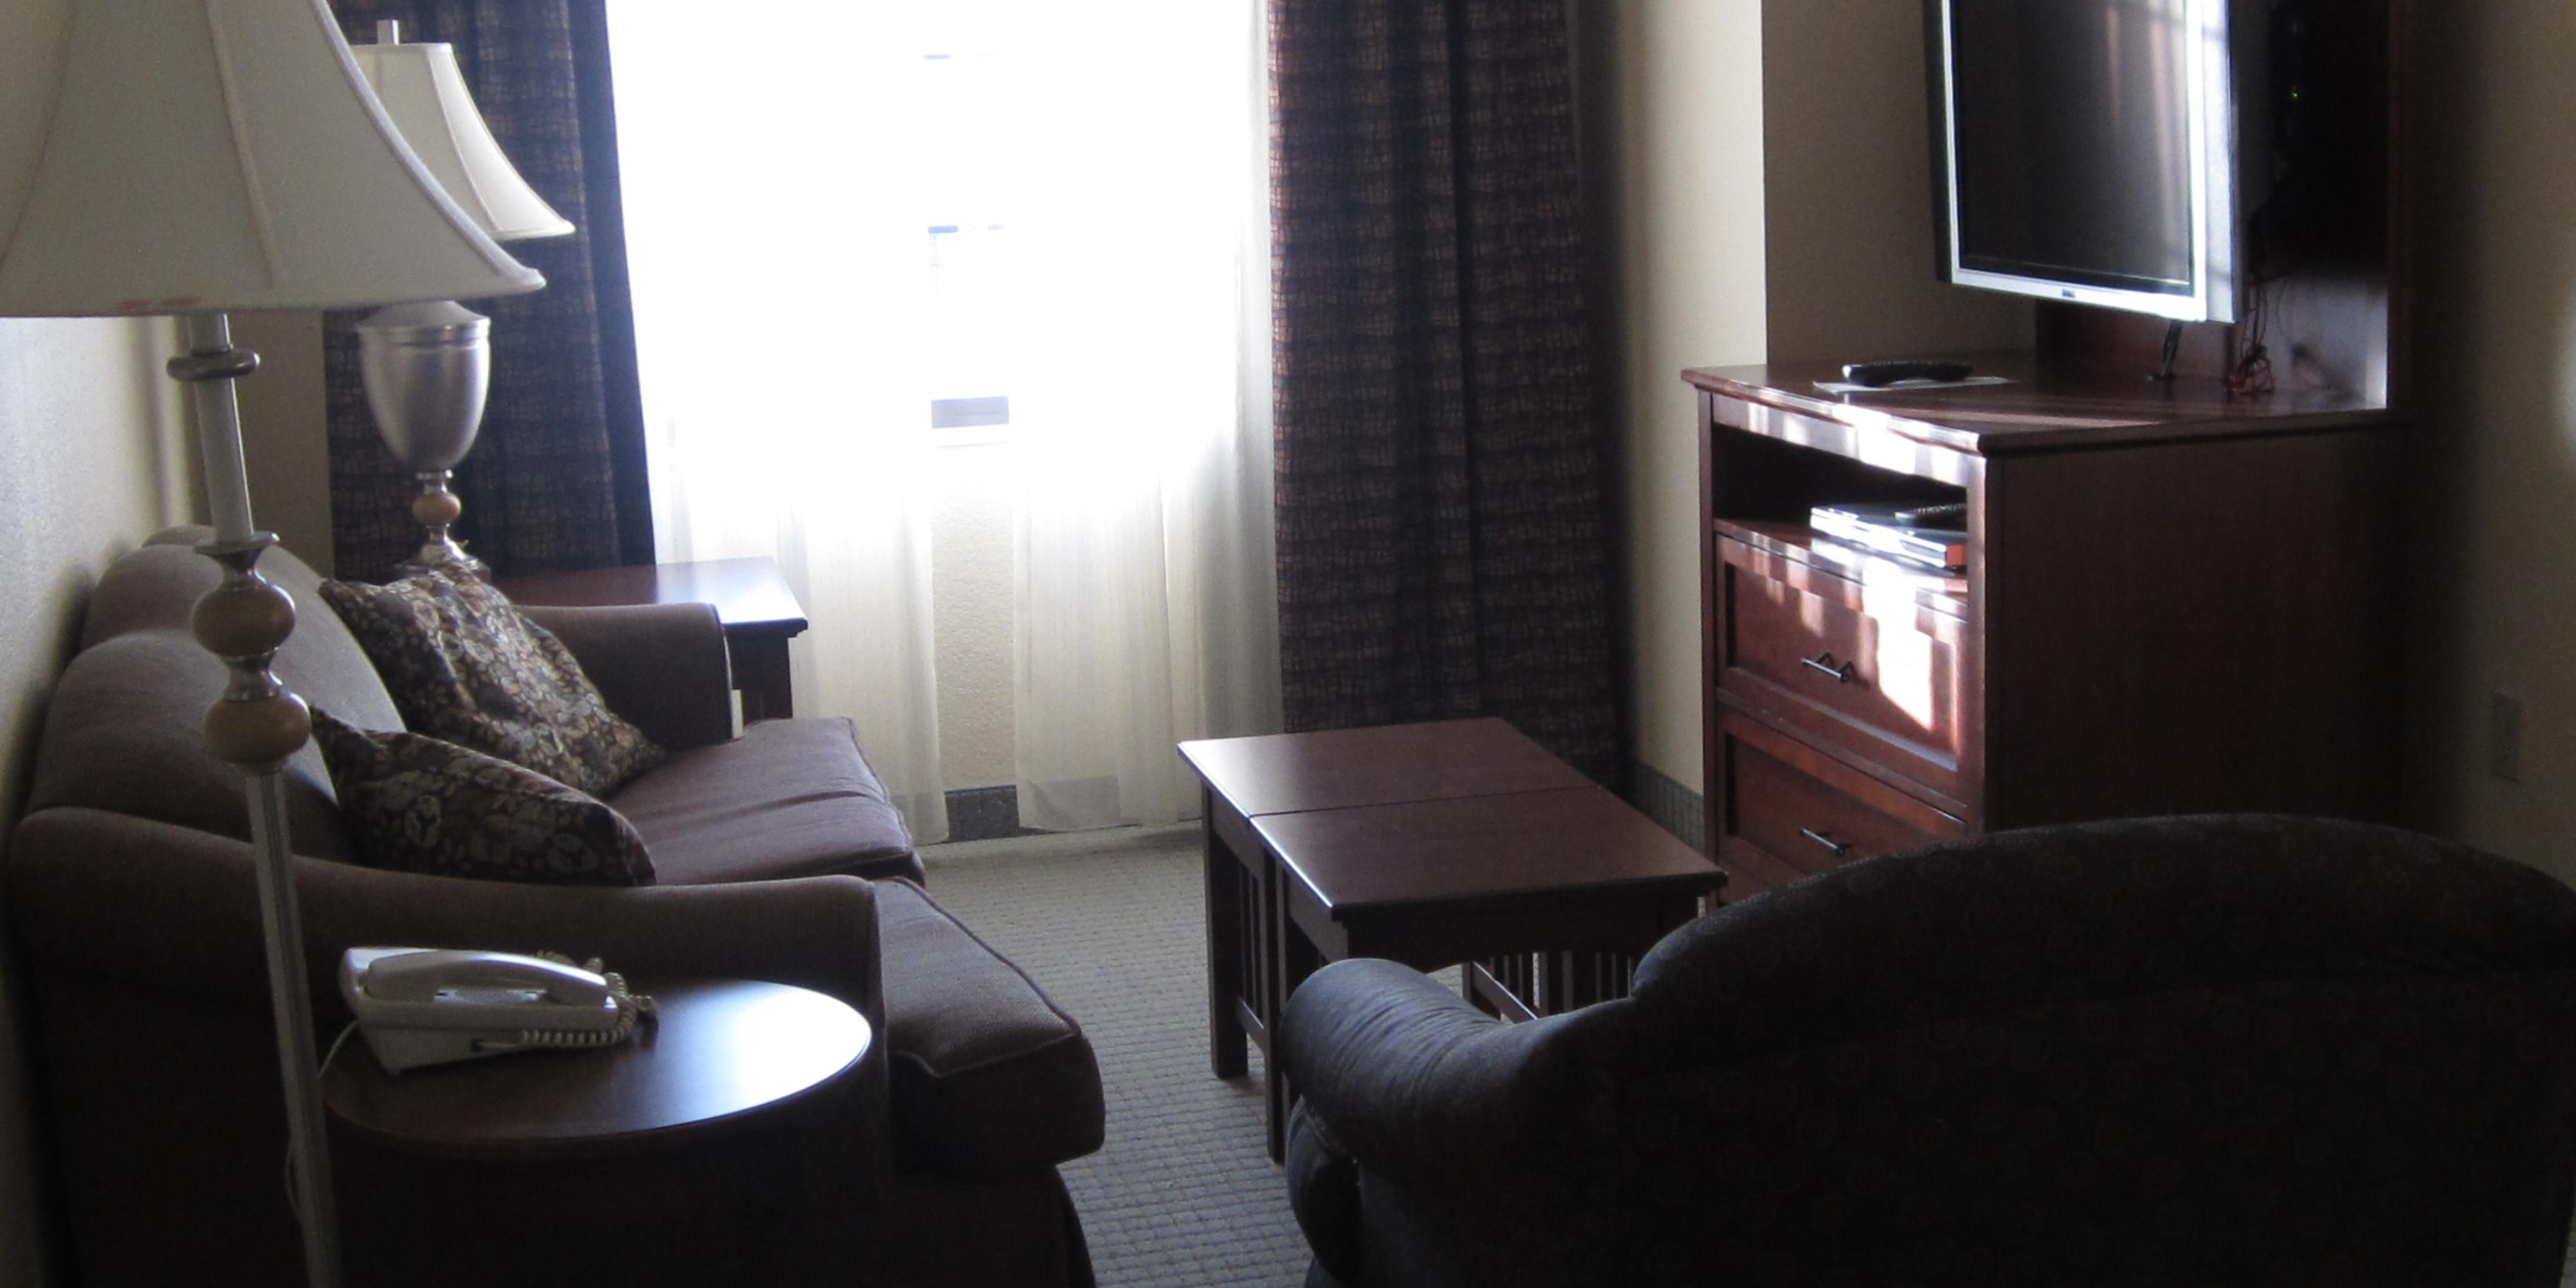 kalamazoo hotels staybridge suites kalamazoo extended stay hotel in kalamazoo michigan